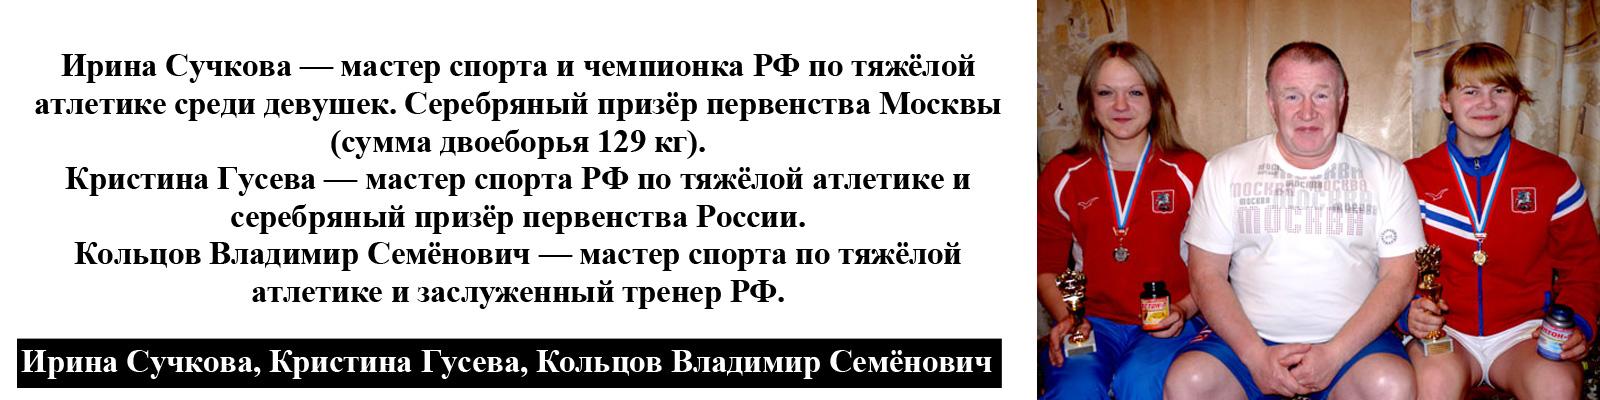 тяжелоатлеты Сучкова Гусева Колчев